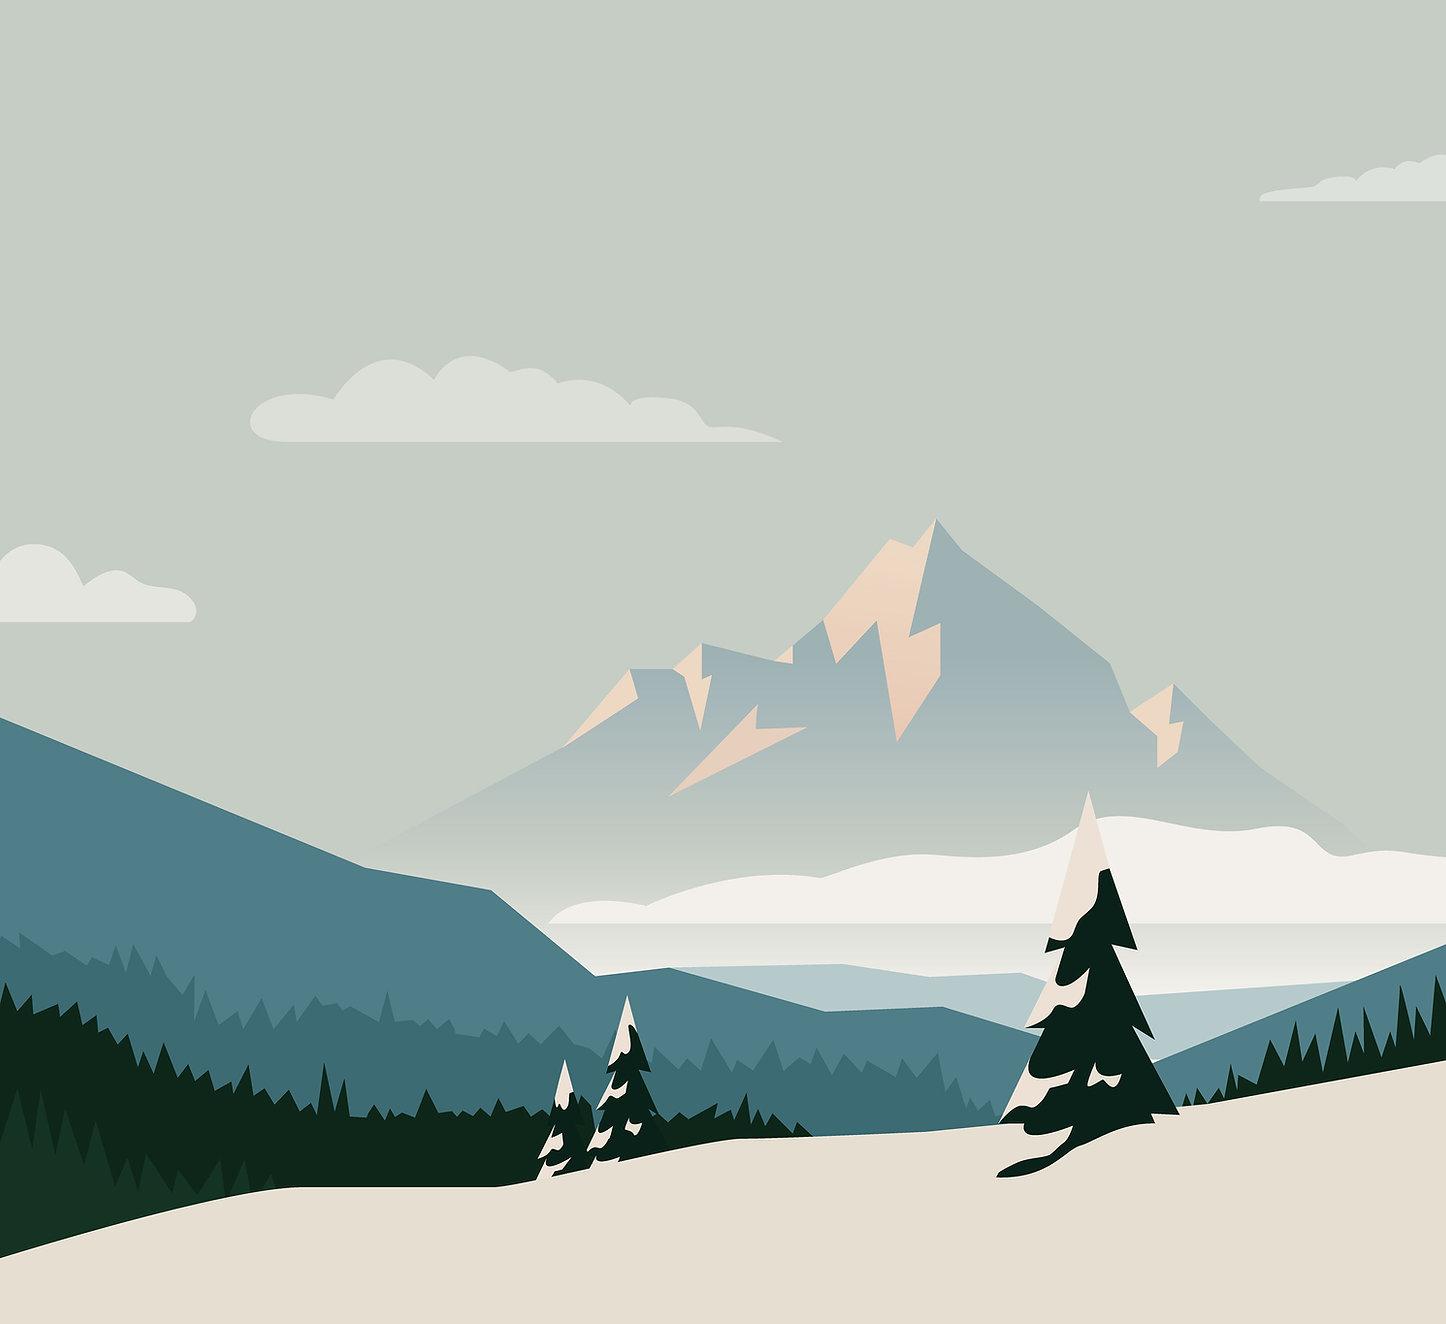 イラスト山脈